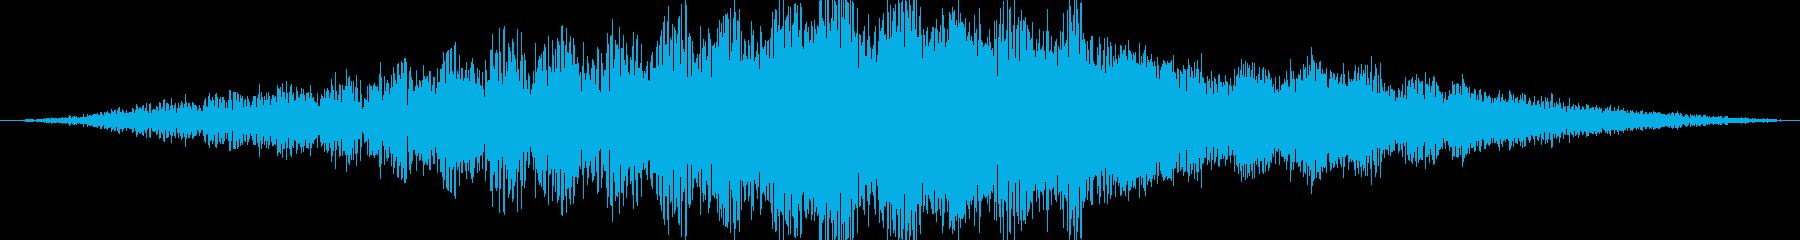 ビルの緊張、きらめく電子音、ヘビー...の再生済みの波形